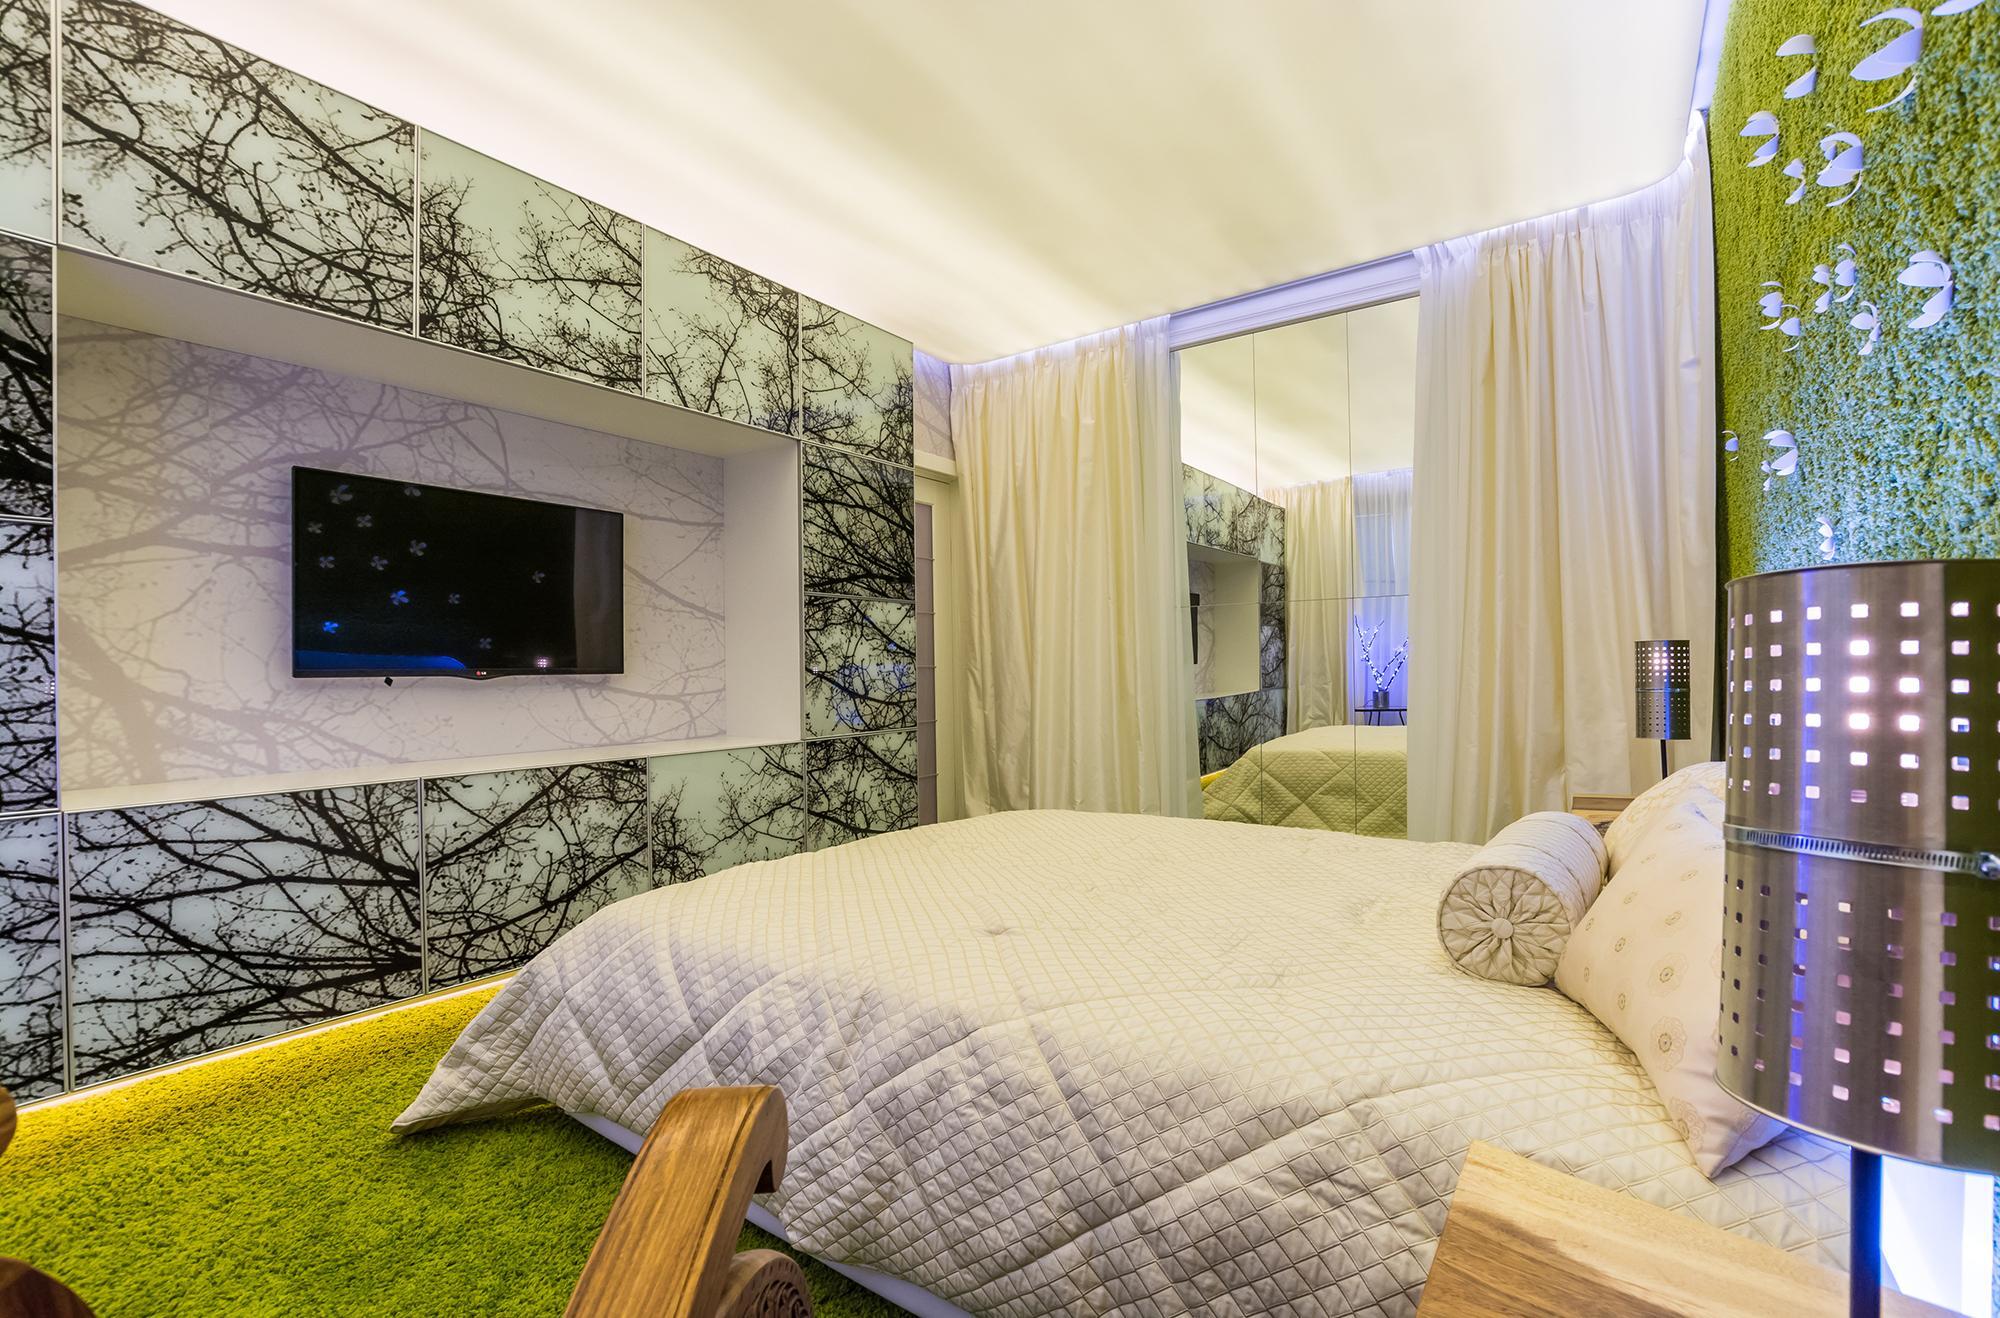 Зеленый ковер и стена в спальне в эко-стиле